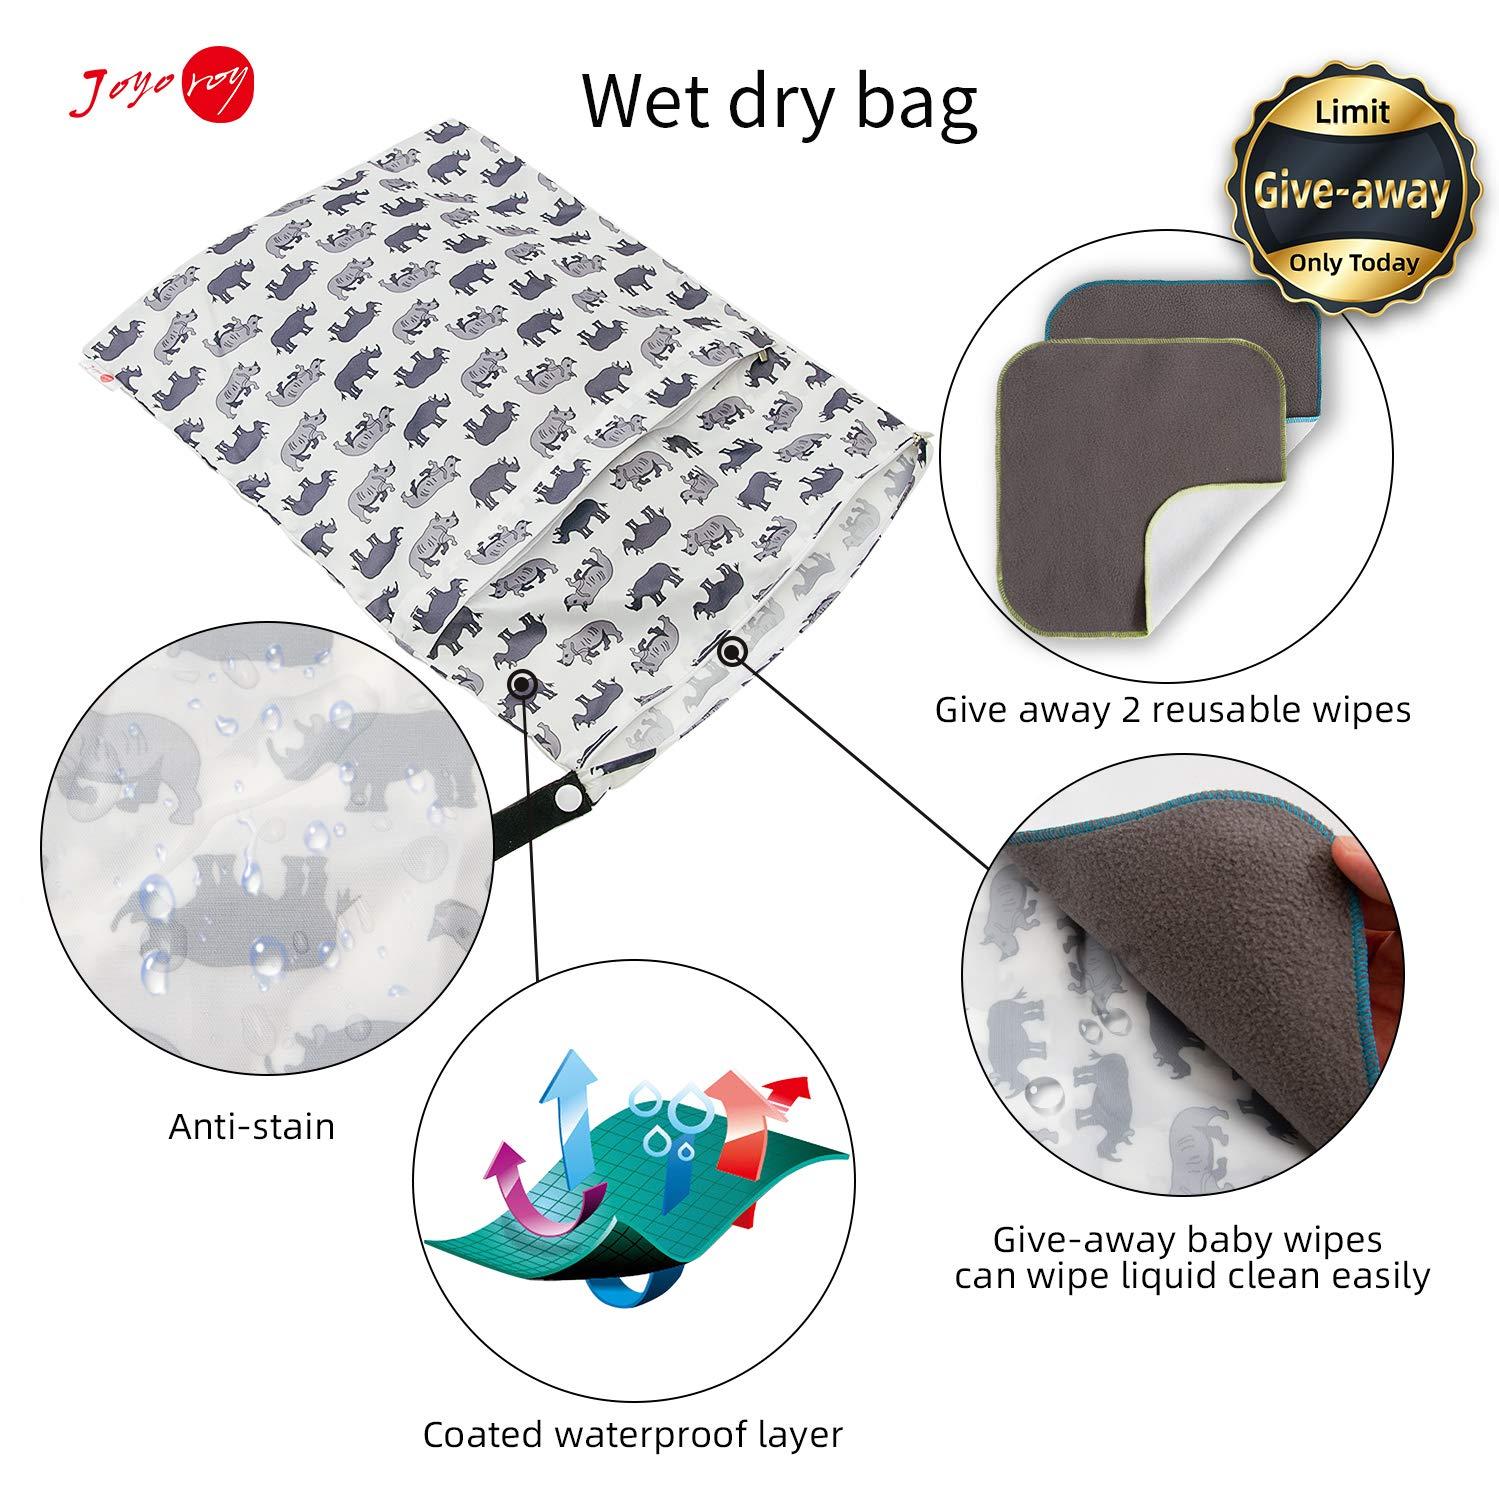 Yoga Bag Gym Bag Dry Bag Pump Bag Wet Dry Bags Wet Dry Bags for Diaper Bag Swimming Bag Waterproof Dry and Wet Separate Diaper Bag Baby Diaper Bag Wet Bag for Cloth Diapers Wet Bags